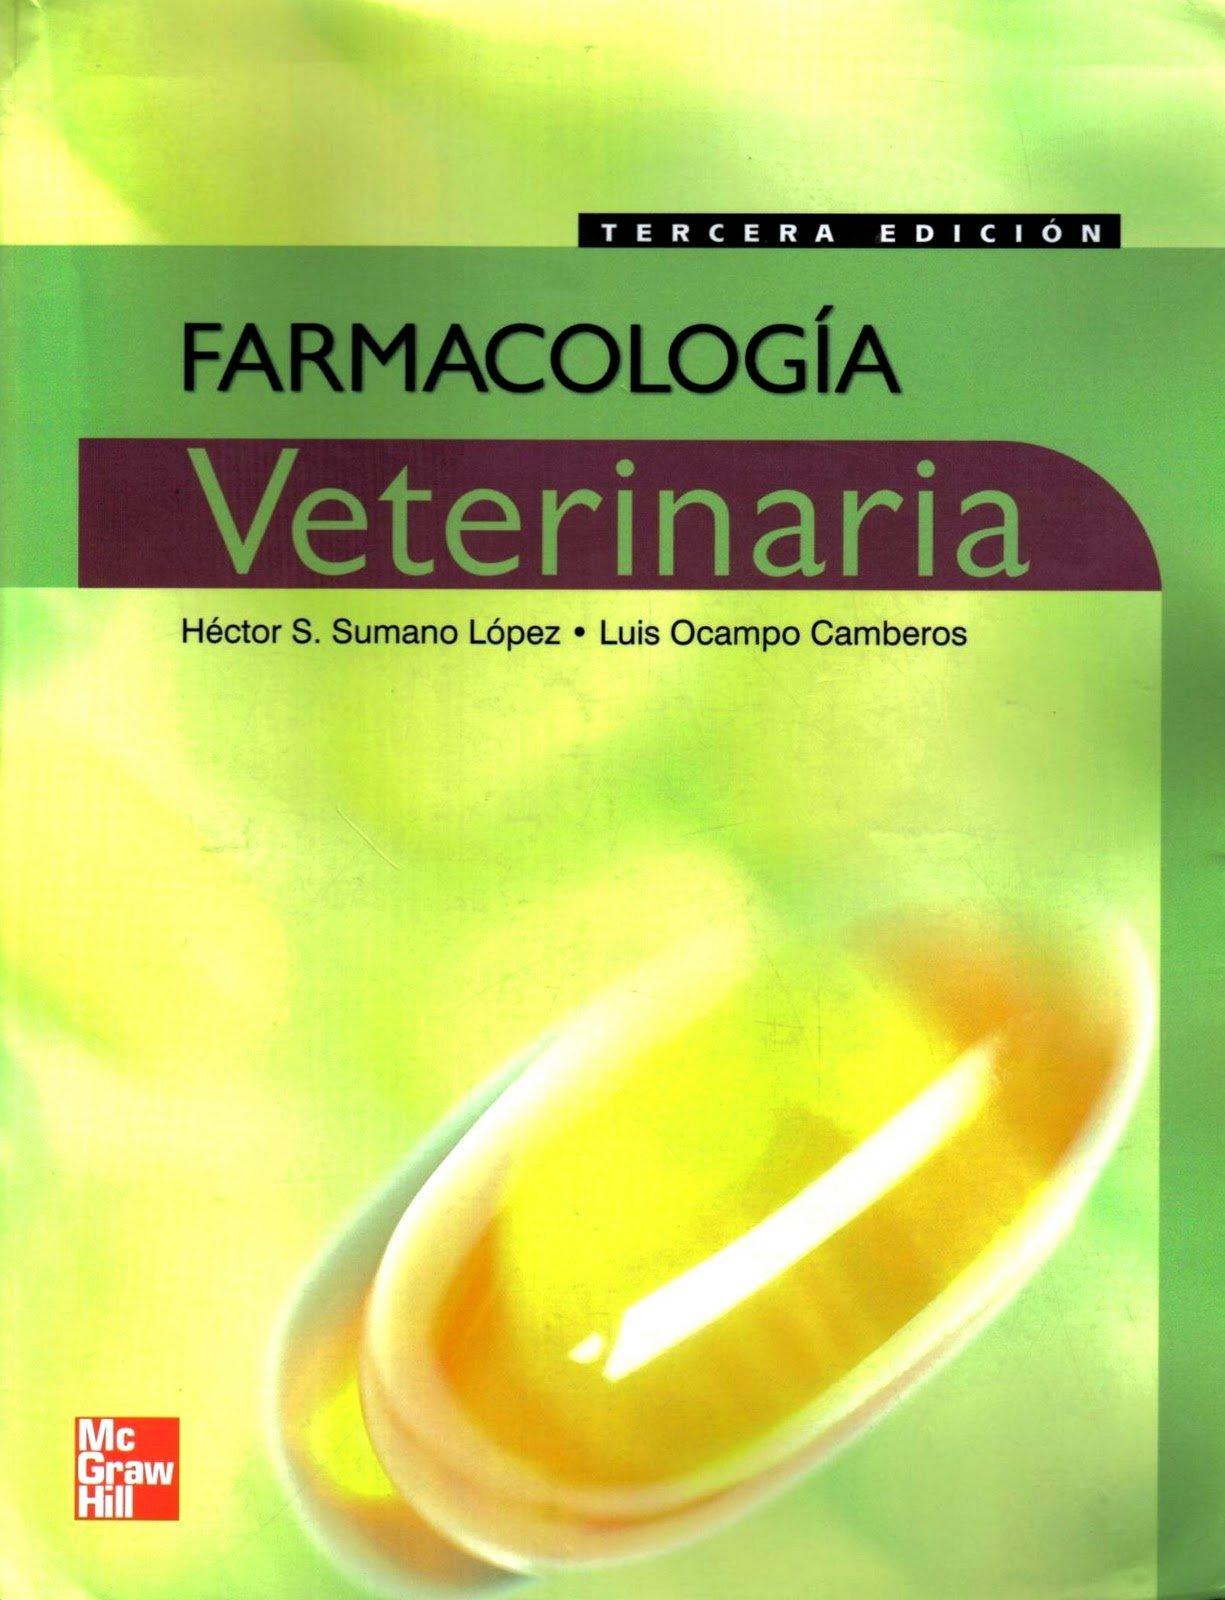 Farmacologia Veterinaria El Precio Es En Dolares Sumano Hector Books